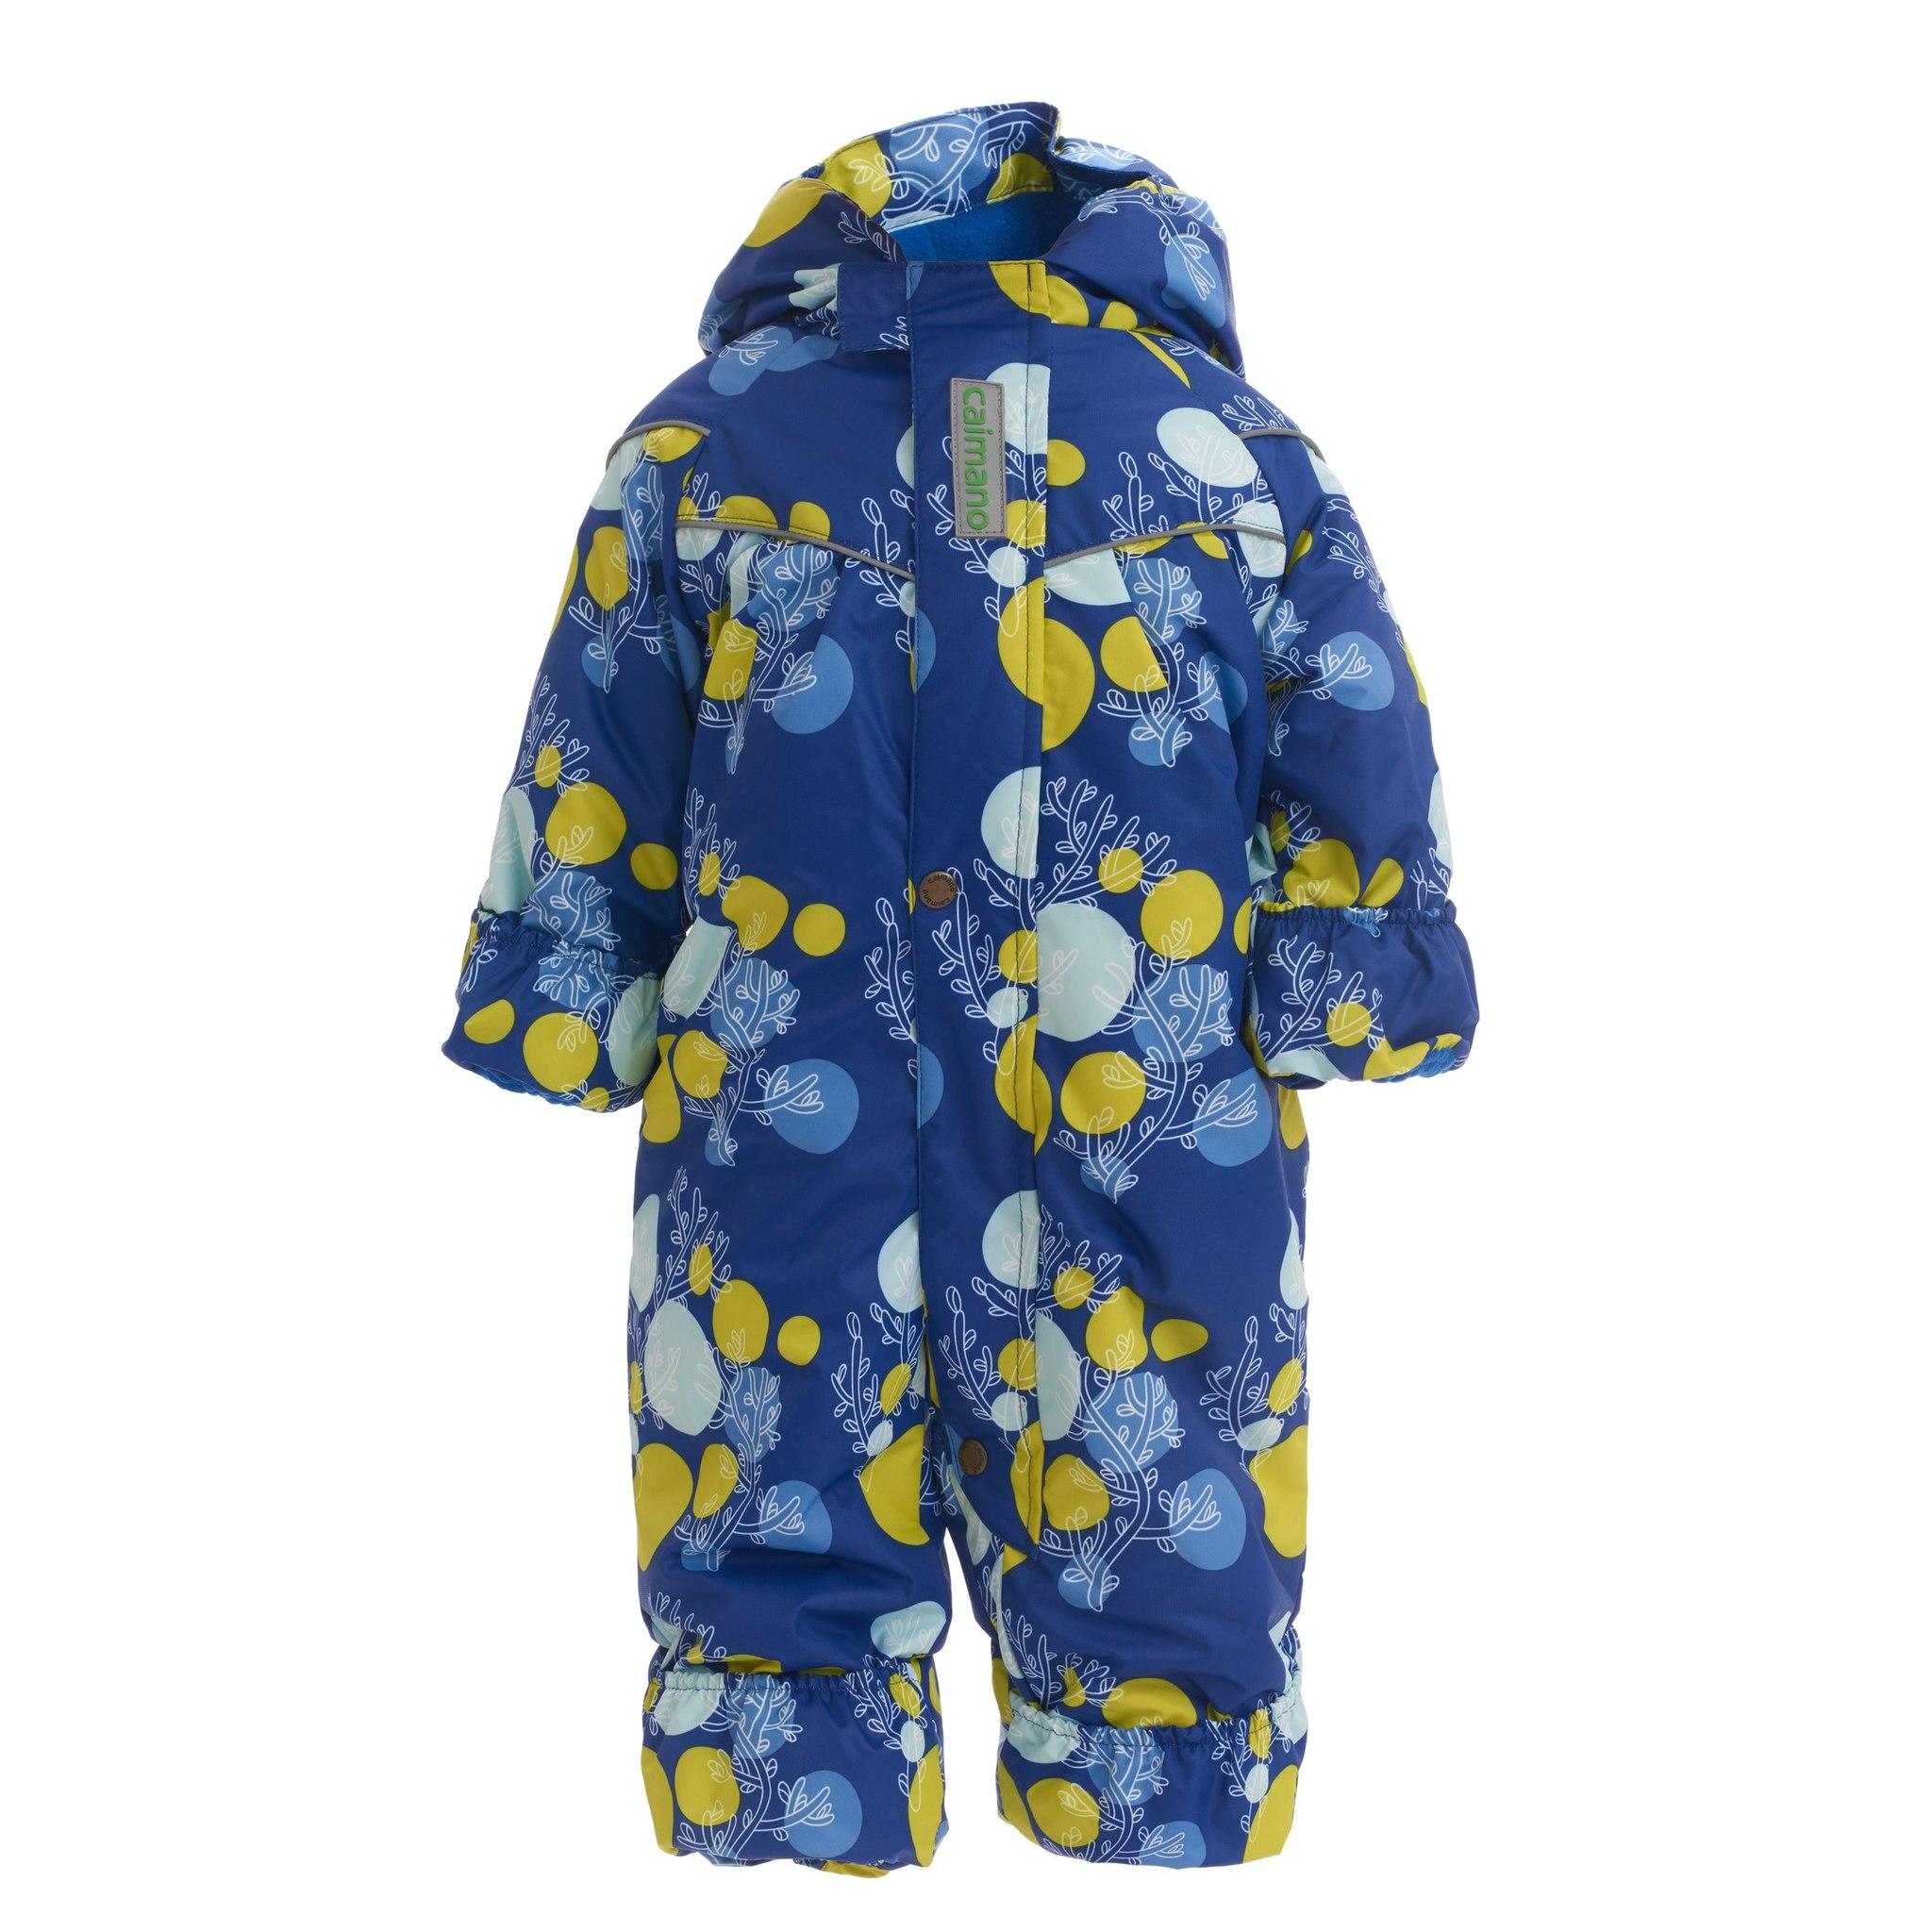 Артикул CW17-02. Цвет 806, синий, желтый, голубой, белый